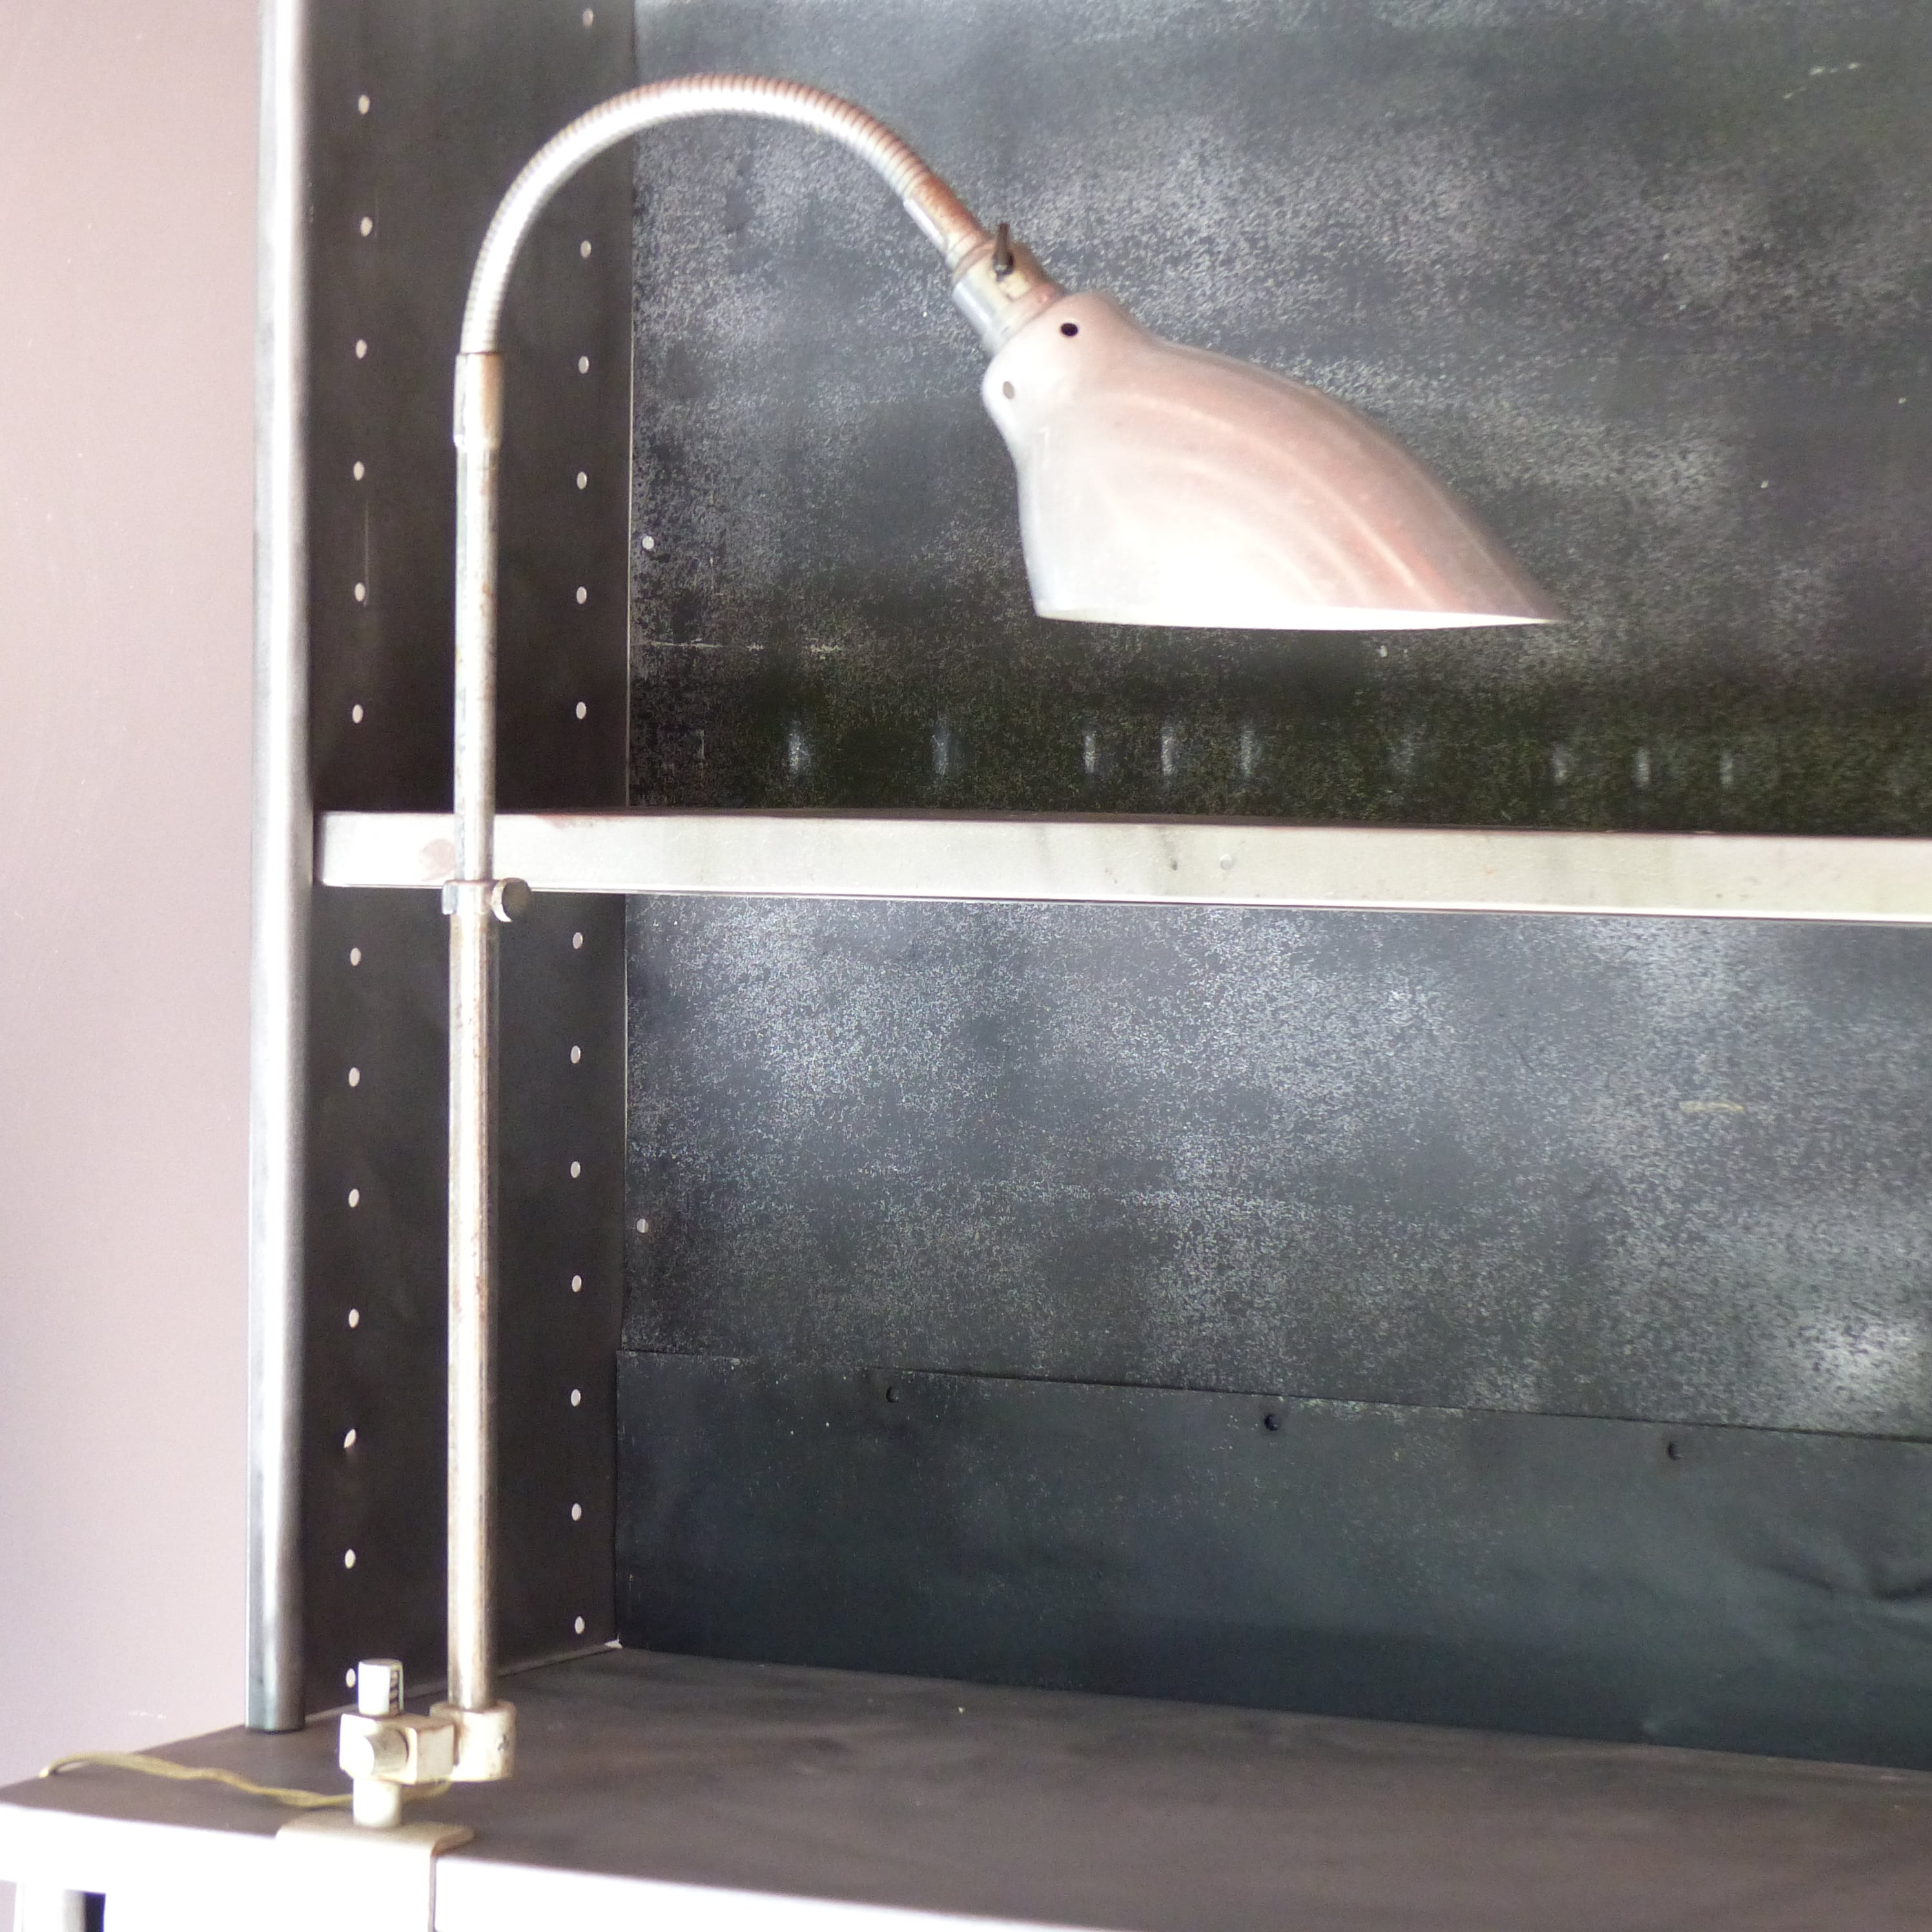 lampe d 39 atelier vintage articul e ki e klair lignedebrocante brocante en ligne chine pour vous. Black Bedroom Furniture Sets. Home Design Ideas